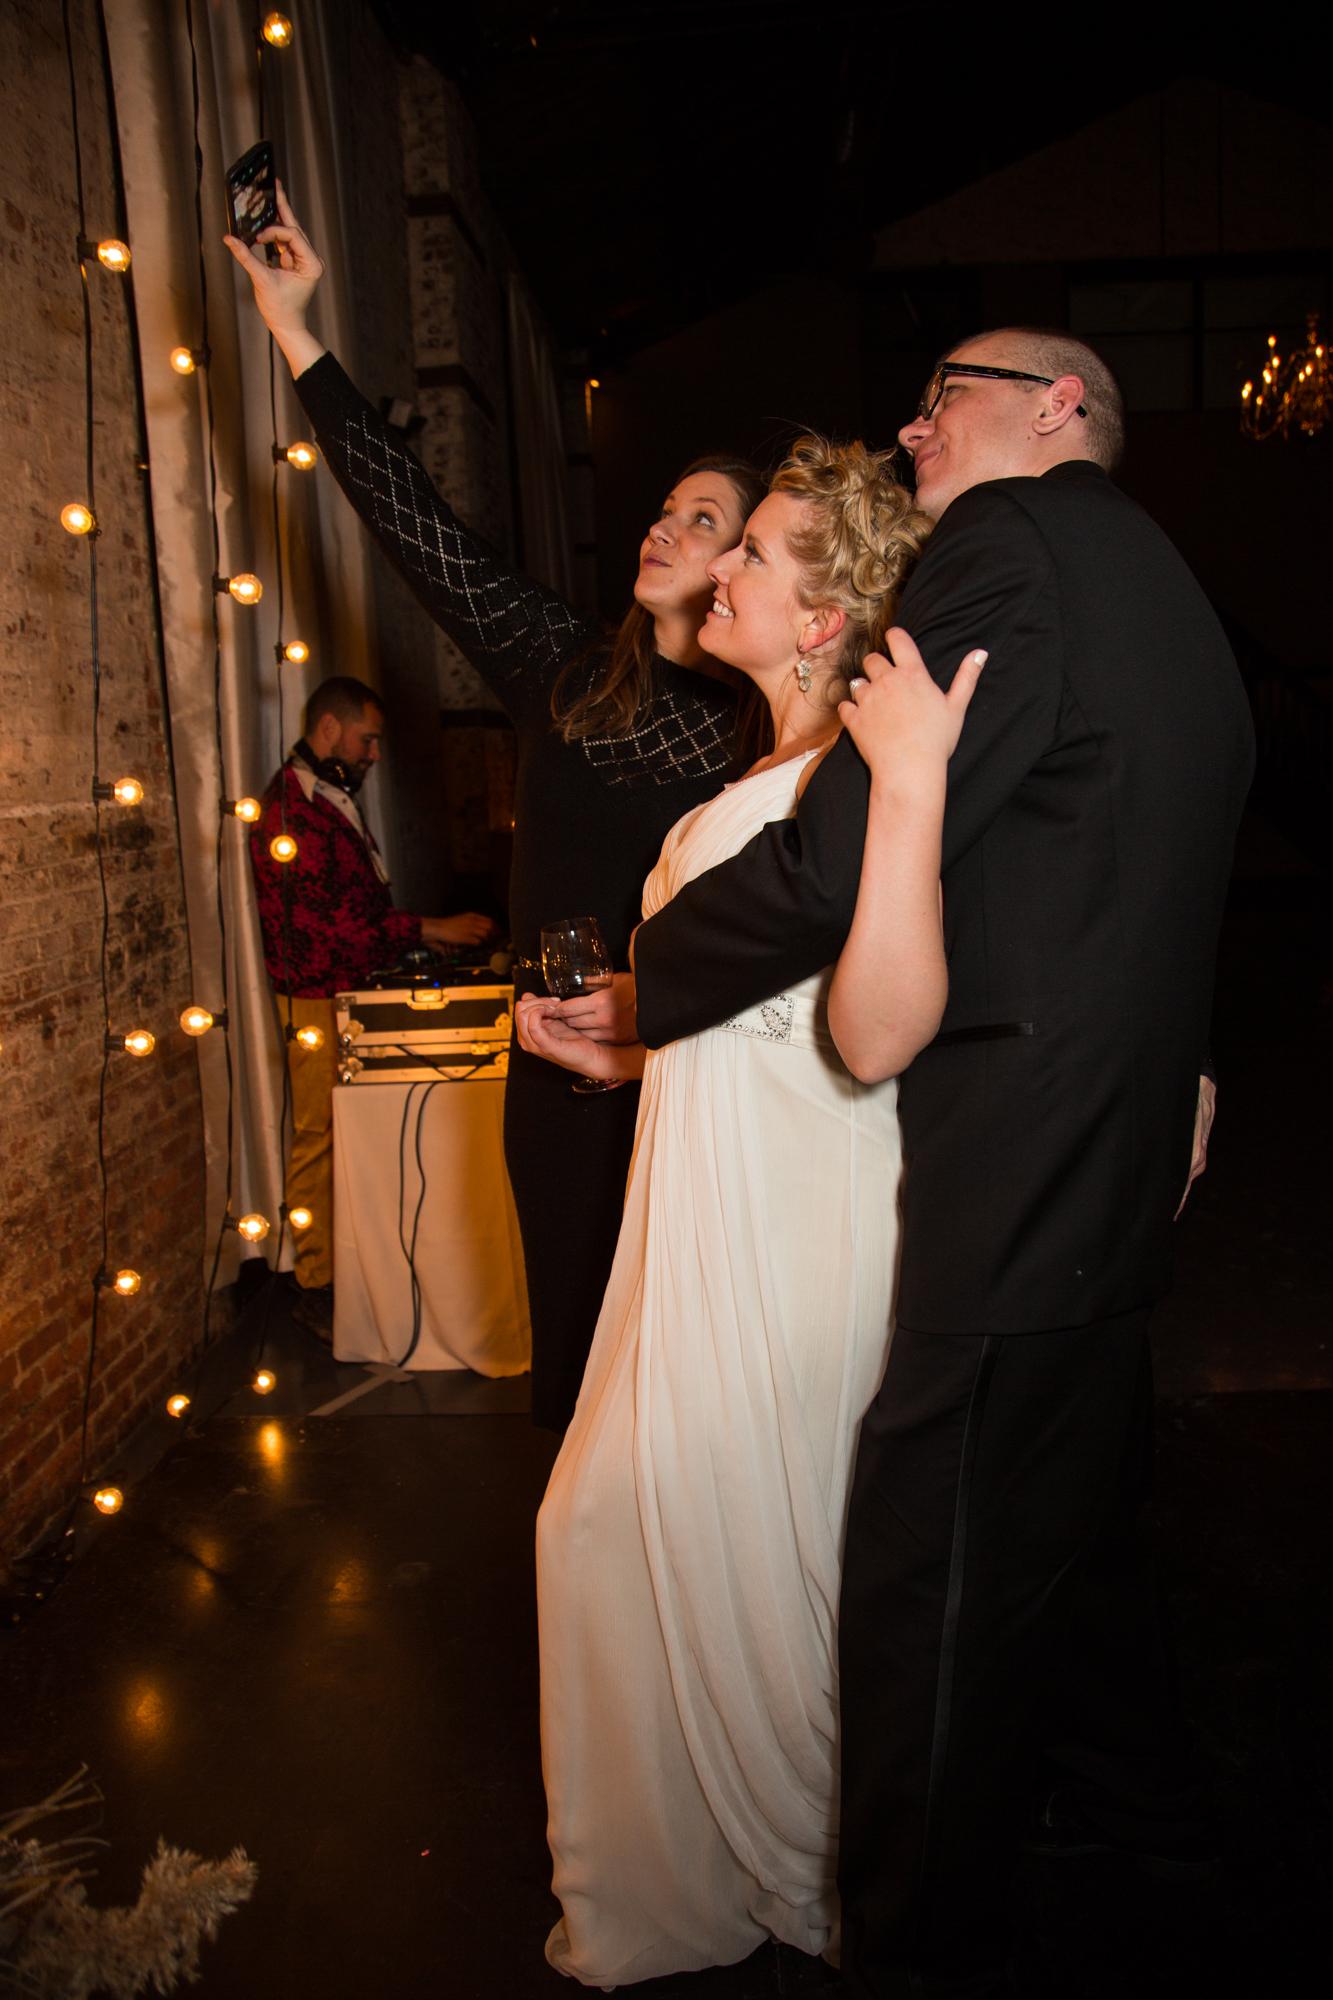 HeatherPhelpsLipton-Modern-WeddingPhotography-GreenBuilding-winter-prospectpark-45.jpg